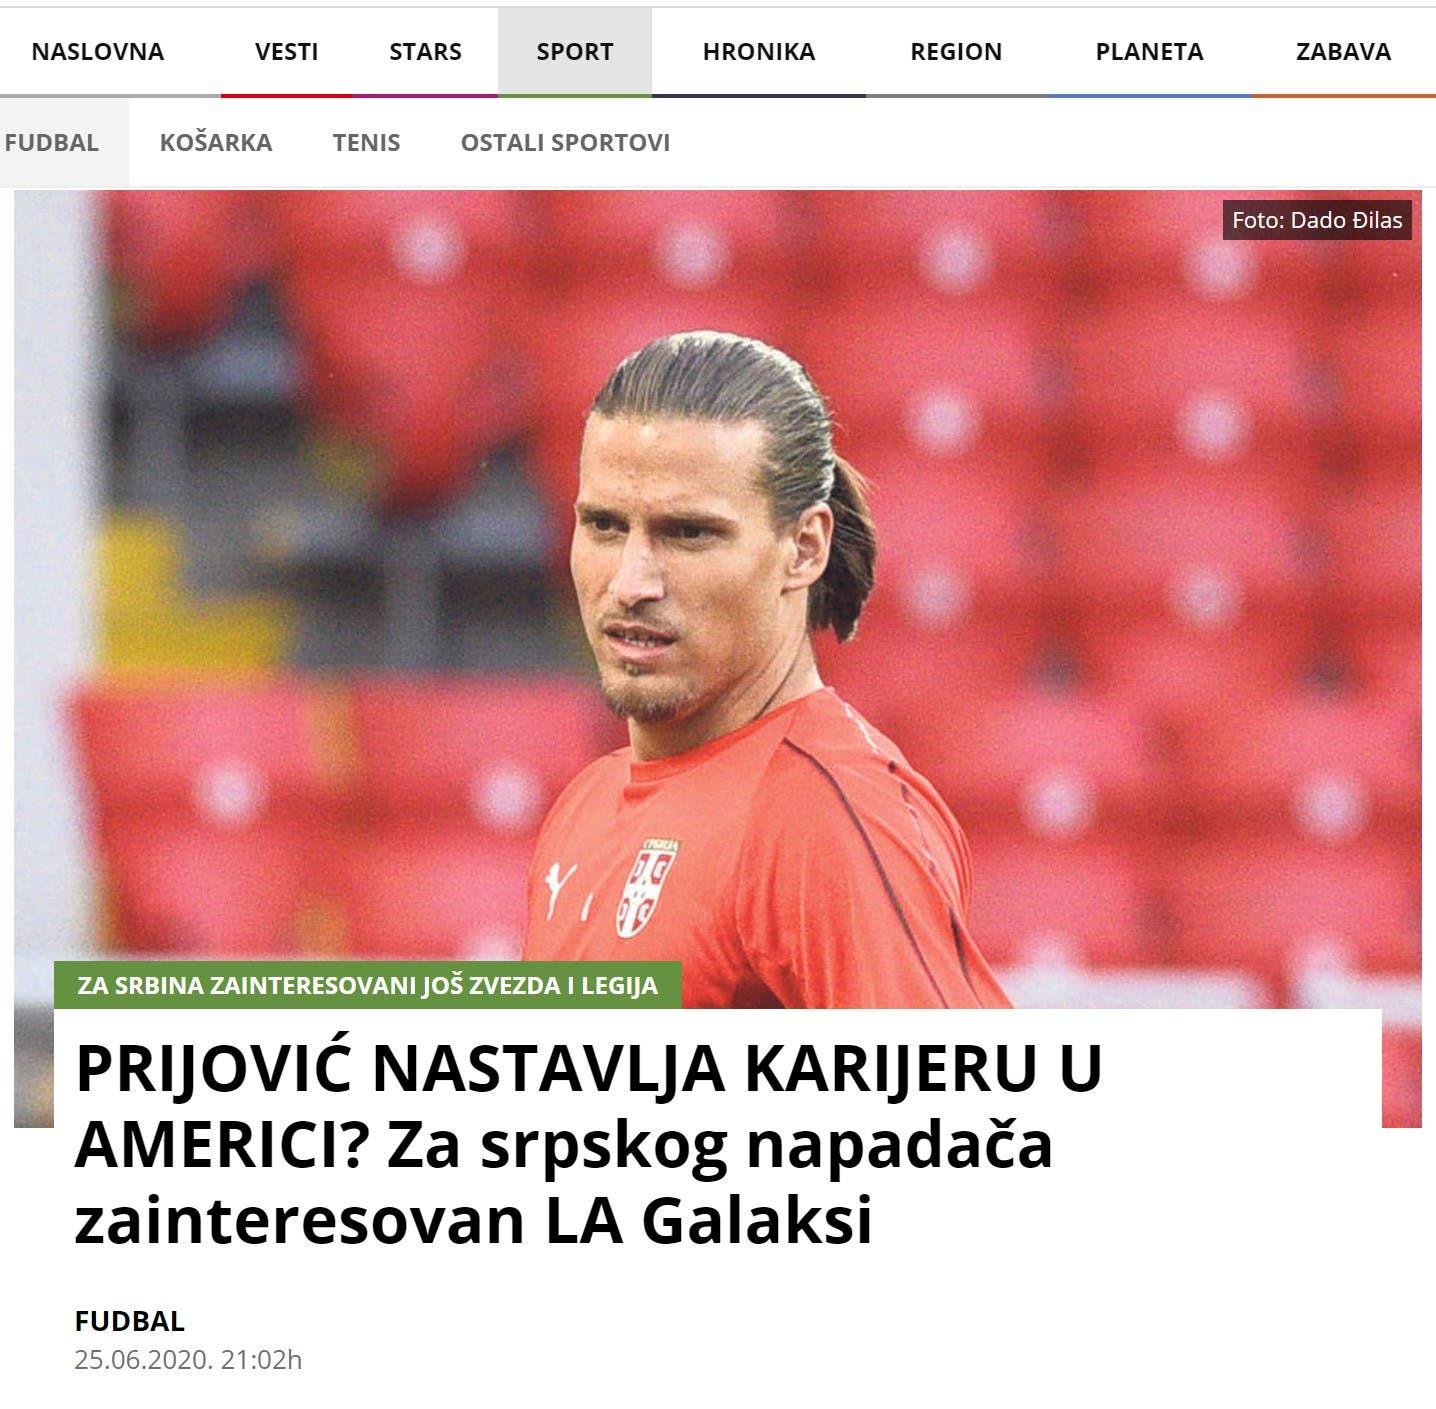 صورة ضوئية للصحيفة الصربية